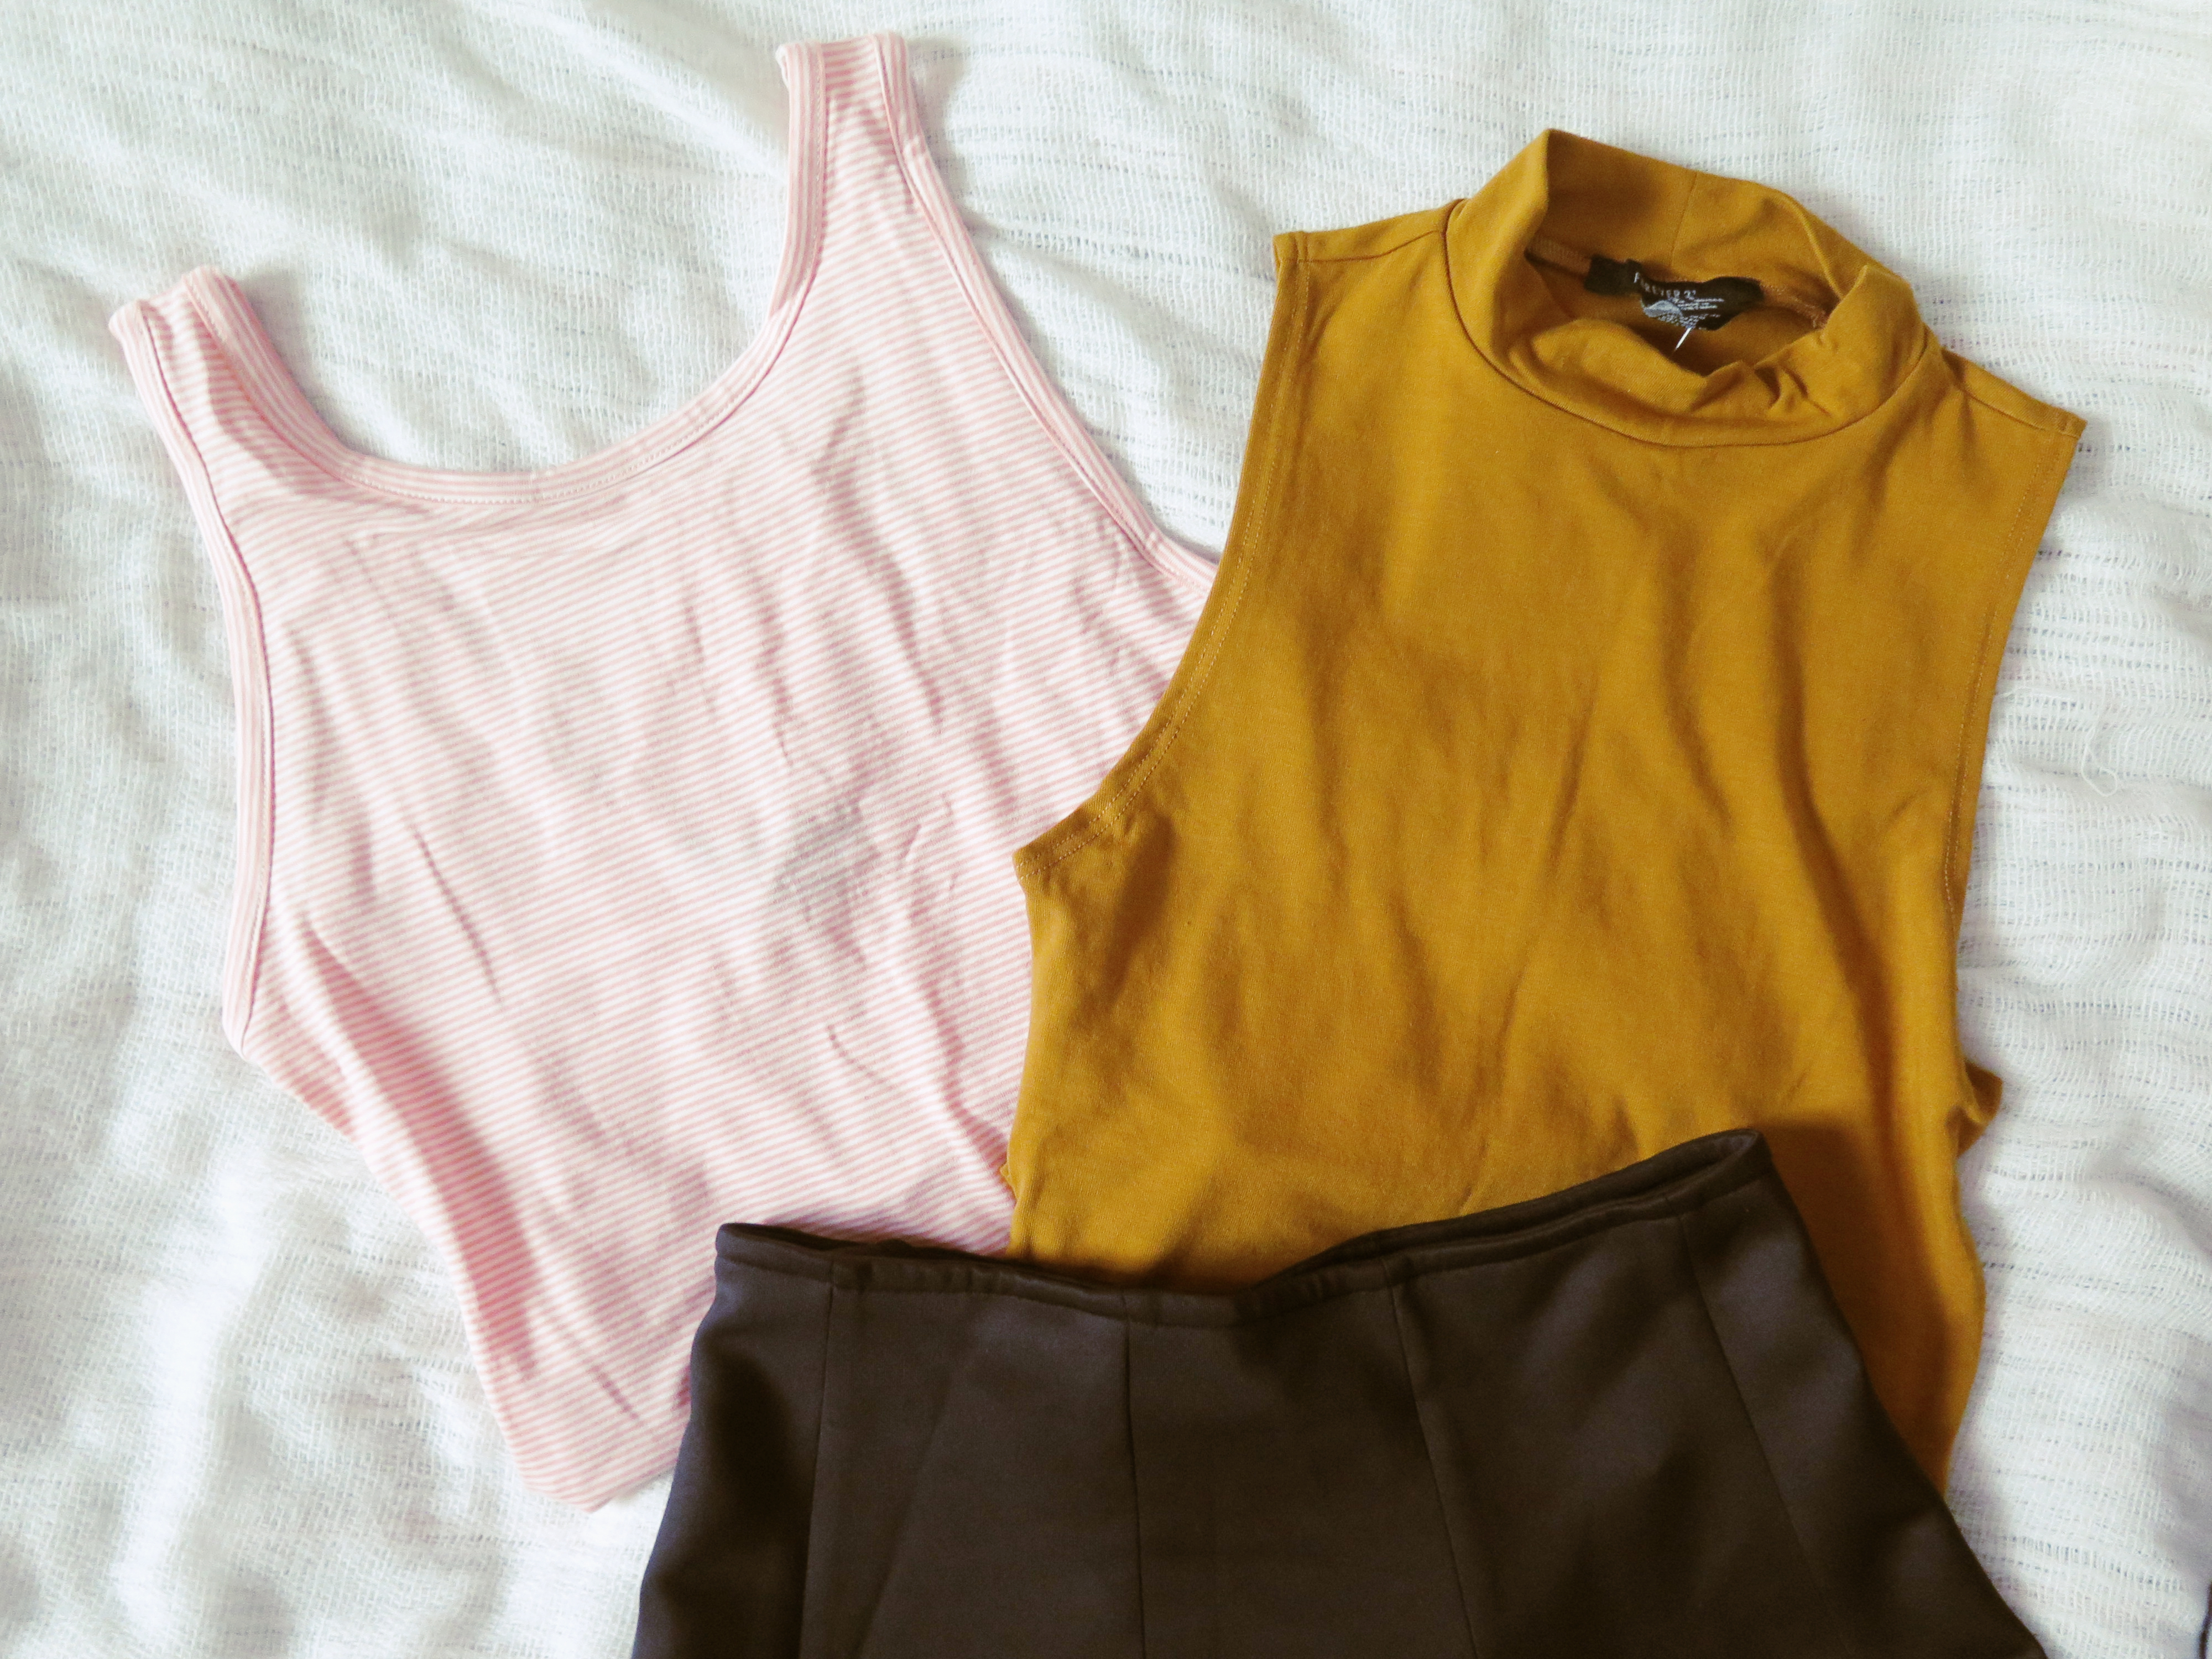 newin_clothes_cosmetics